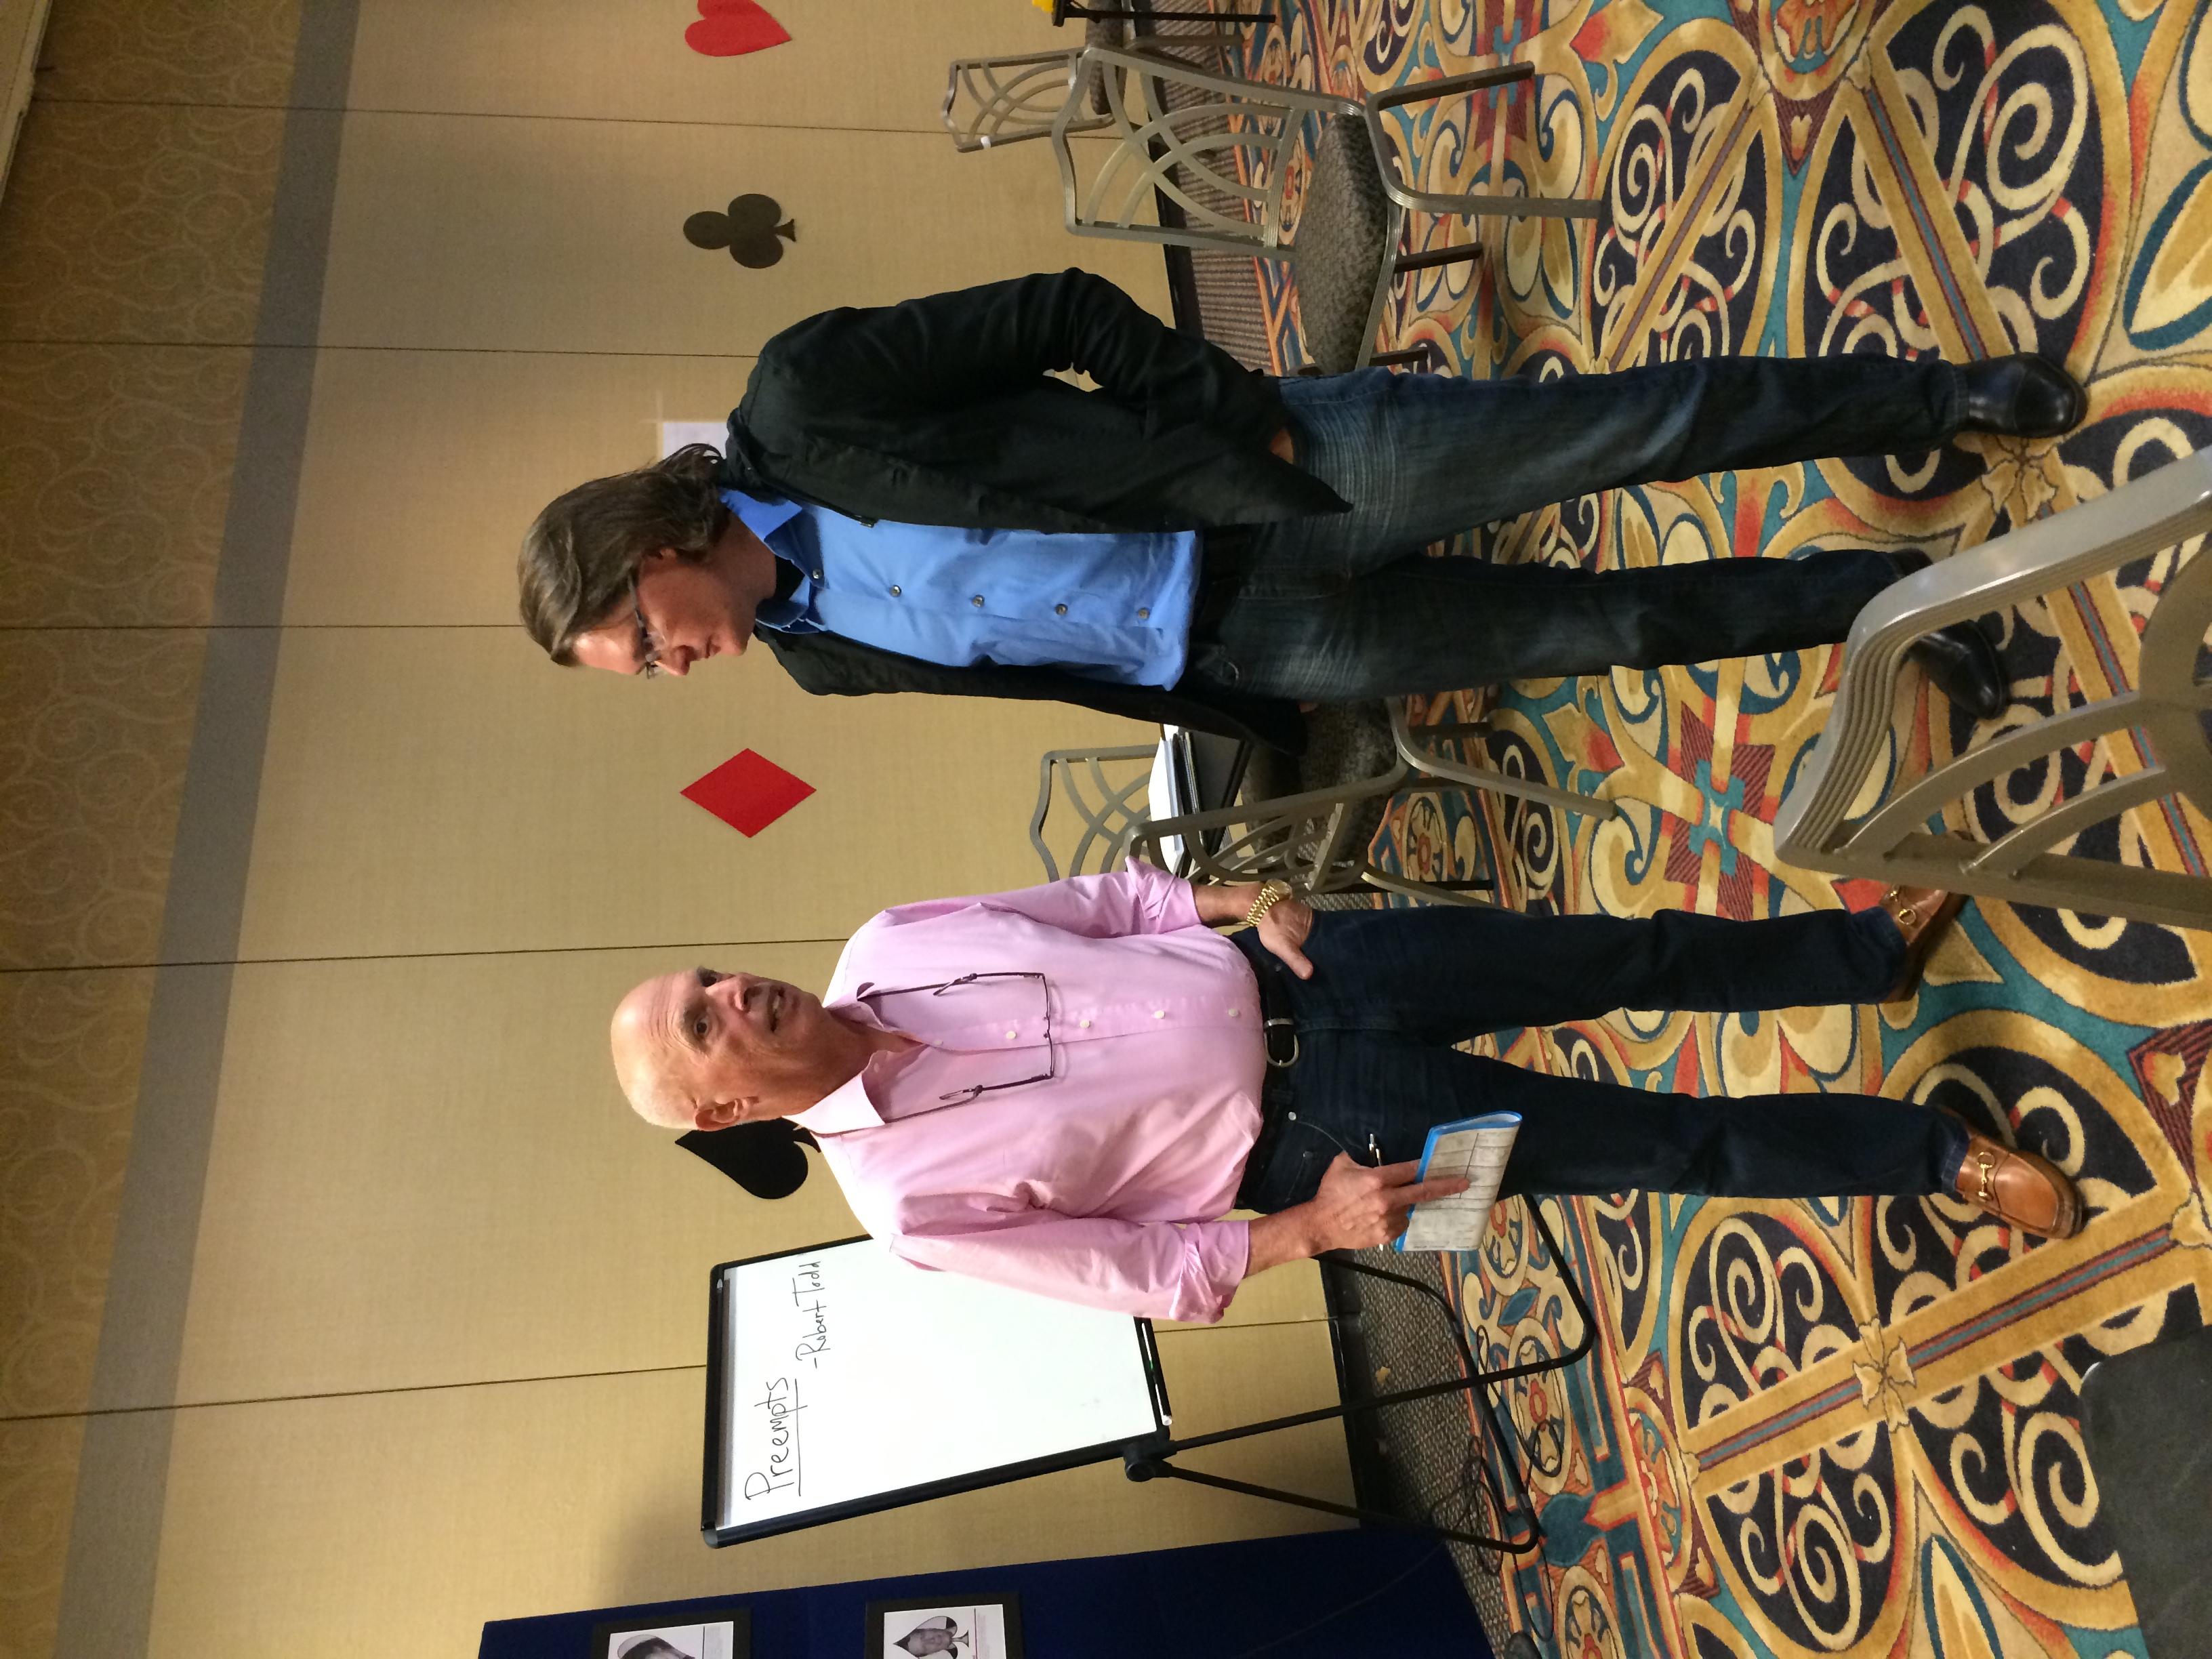 Robert and Dale Rands, Las Vegas, NV